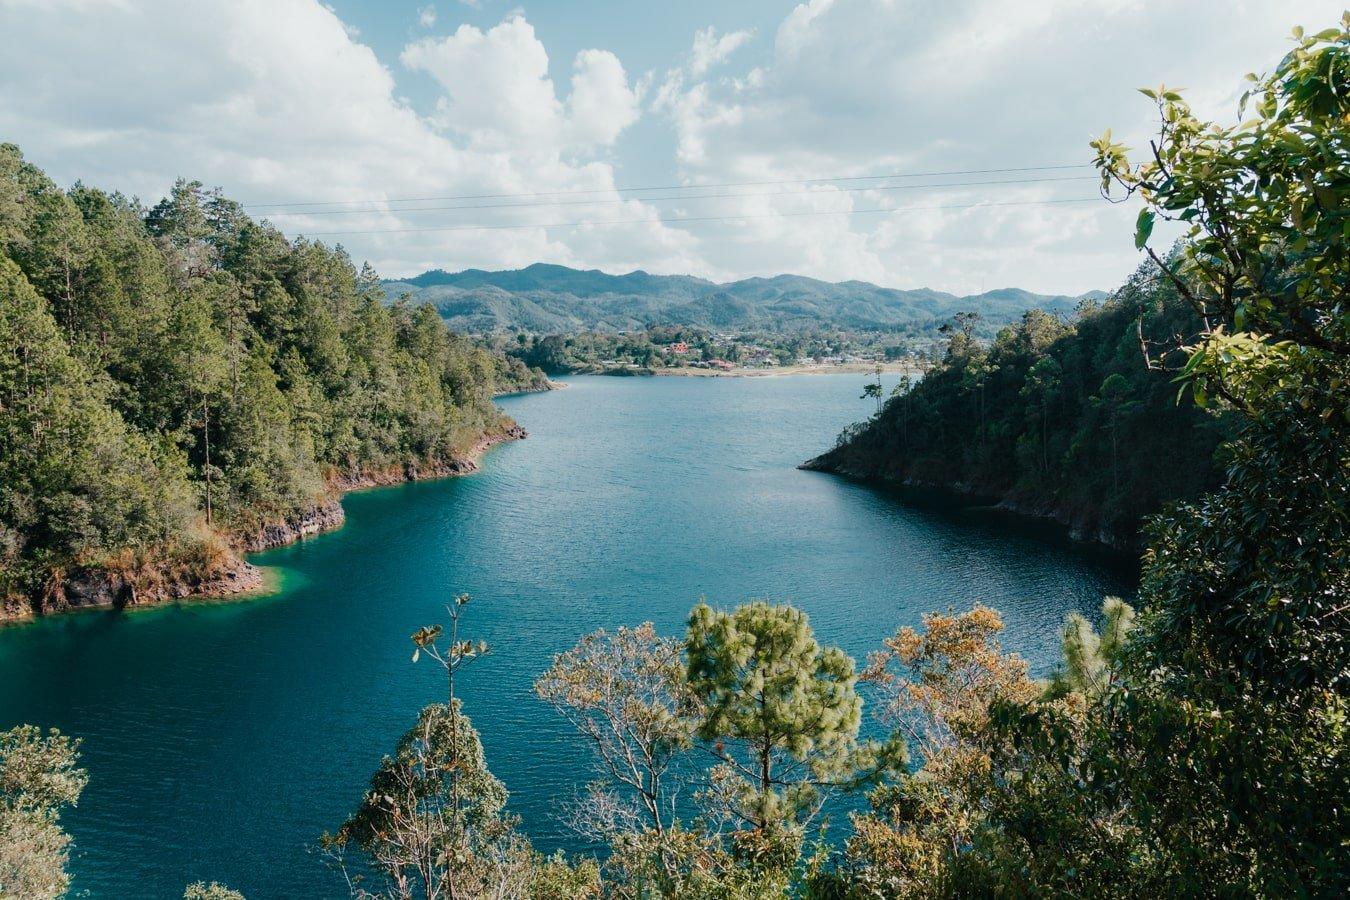 lake tziscao in lagos montebello in chiapas mexico